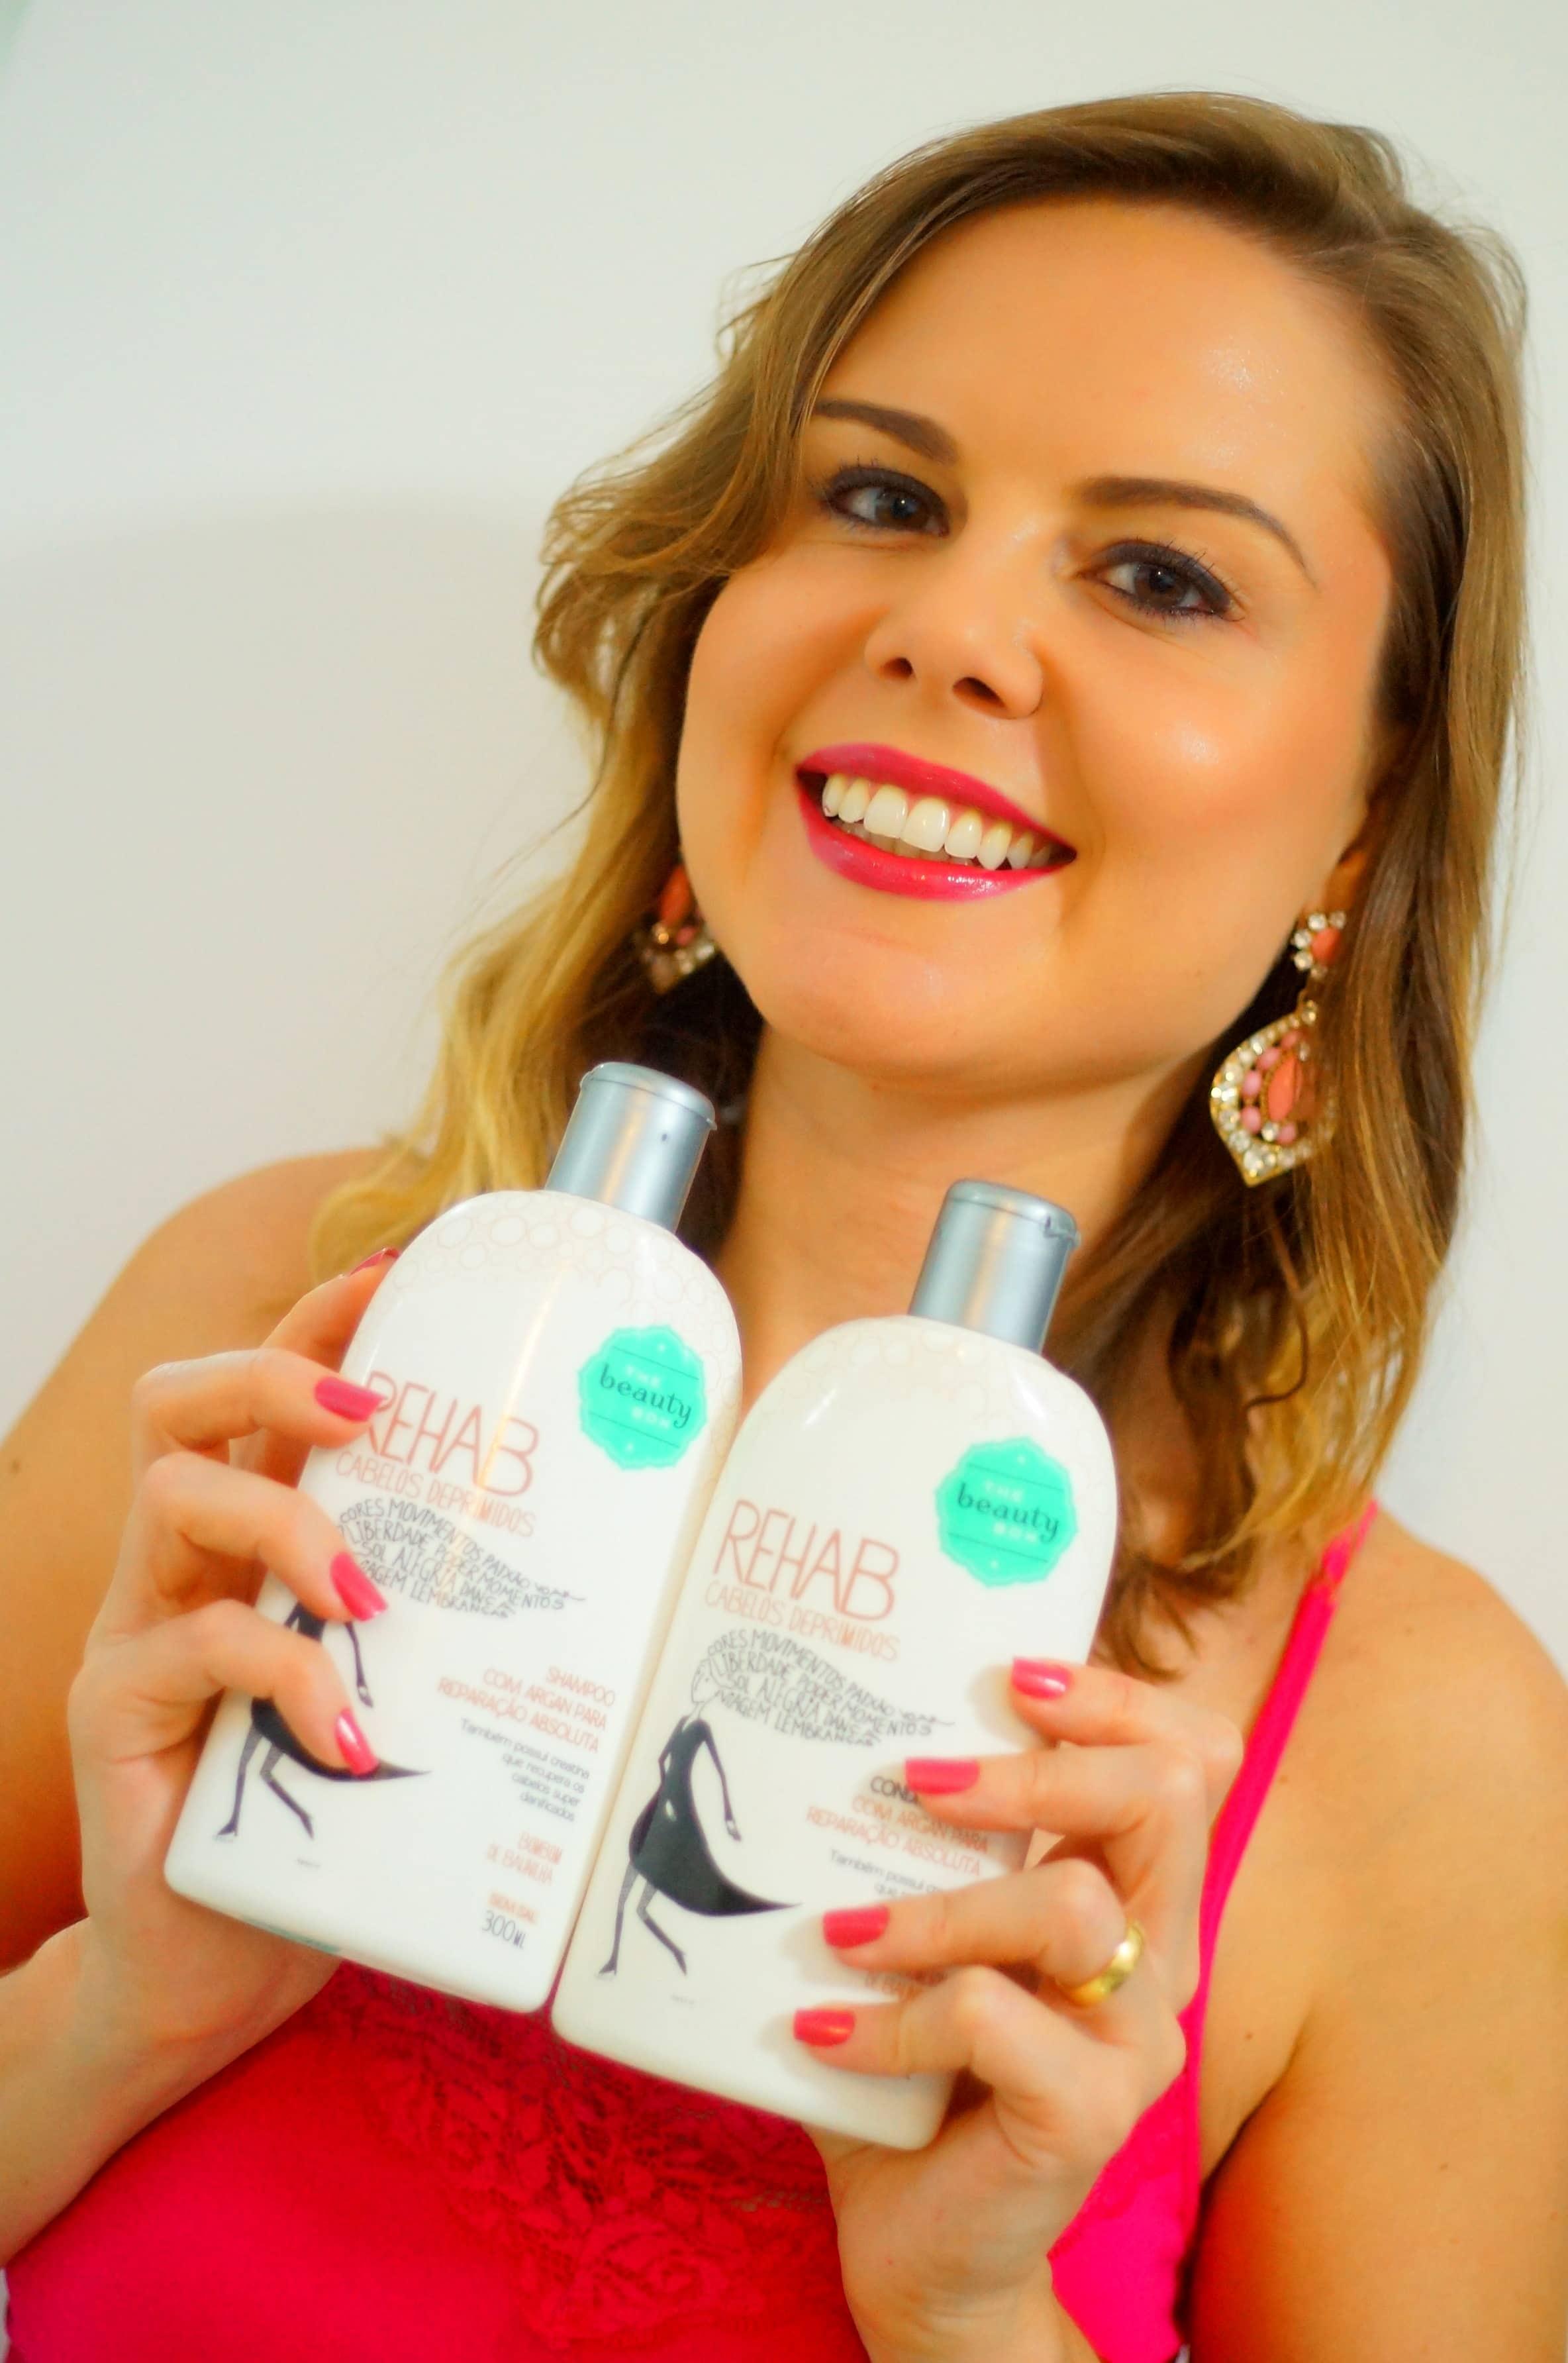 shampoo Beauty Box Rehab